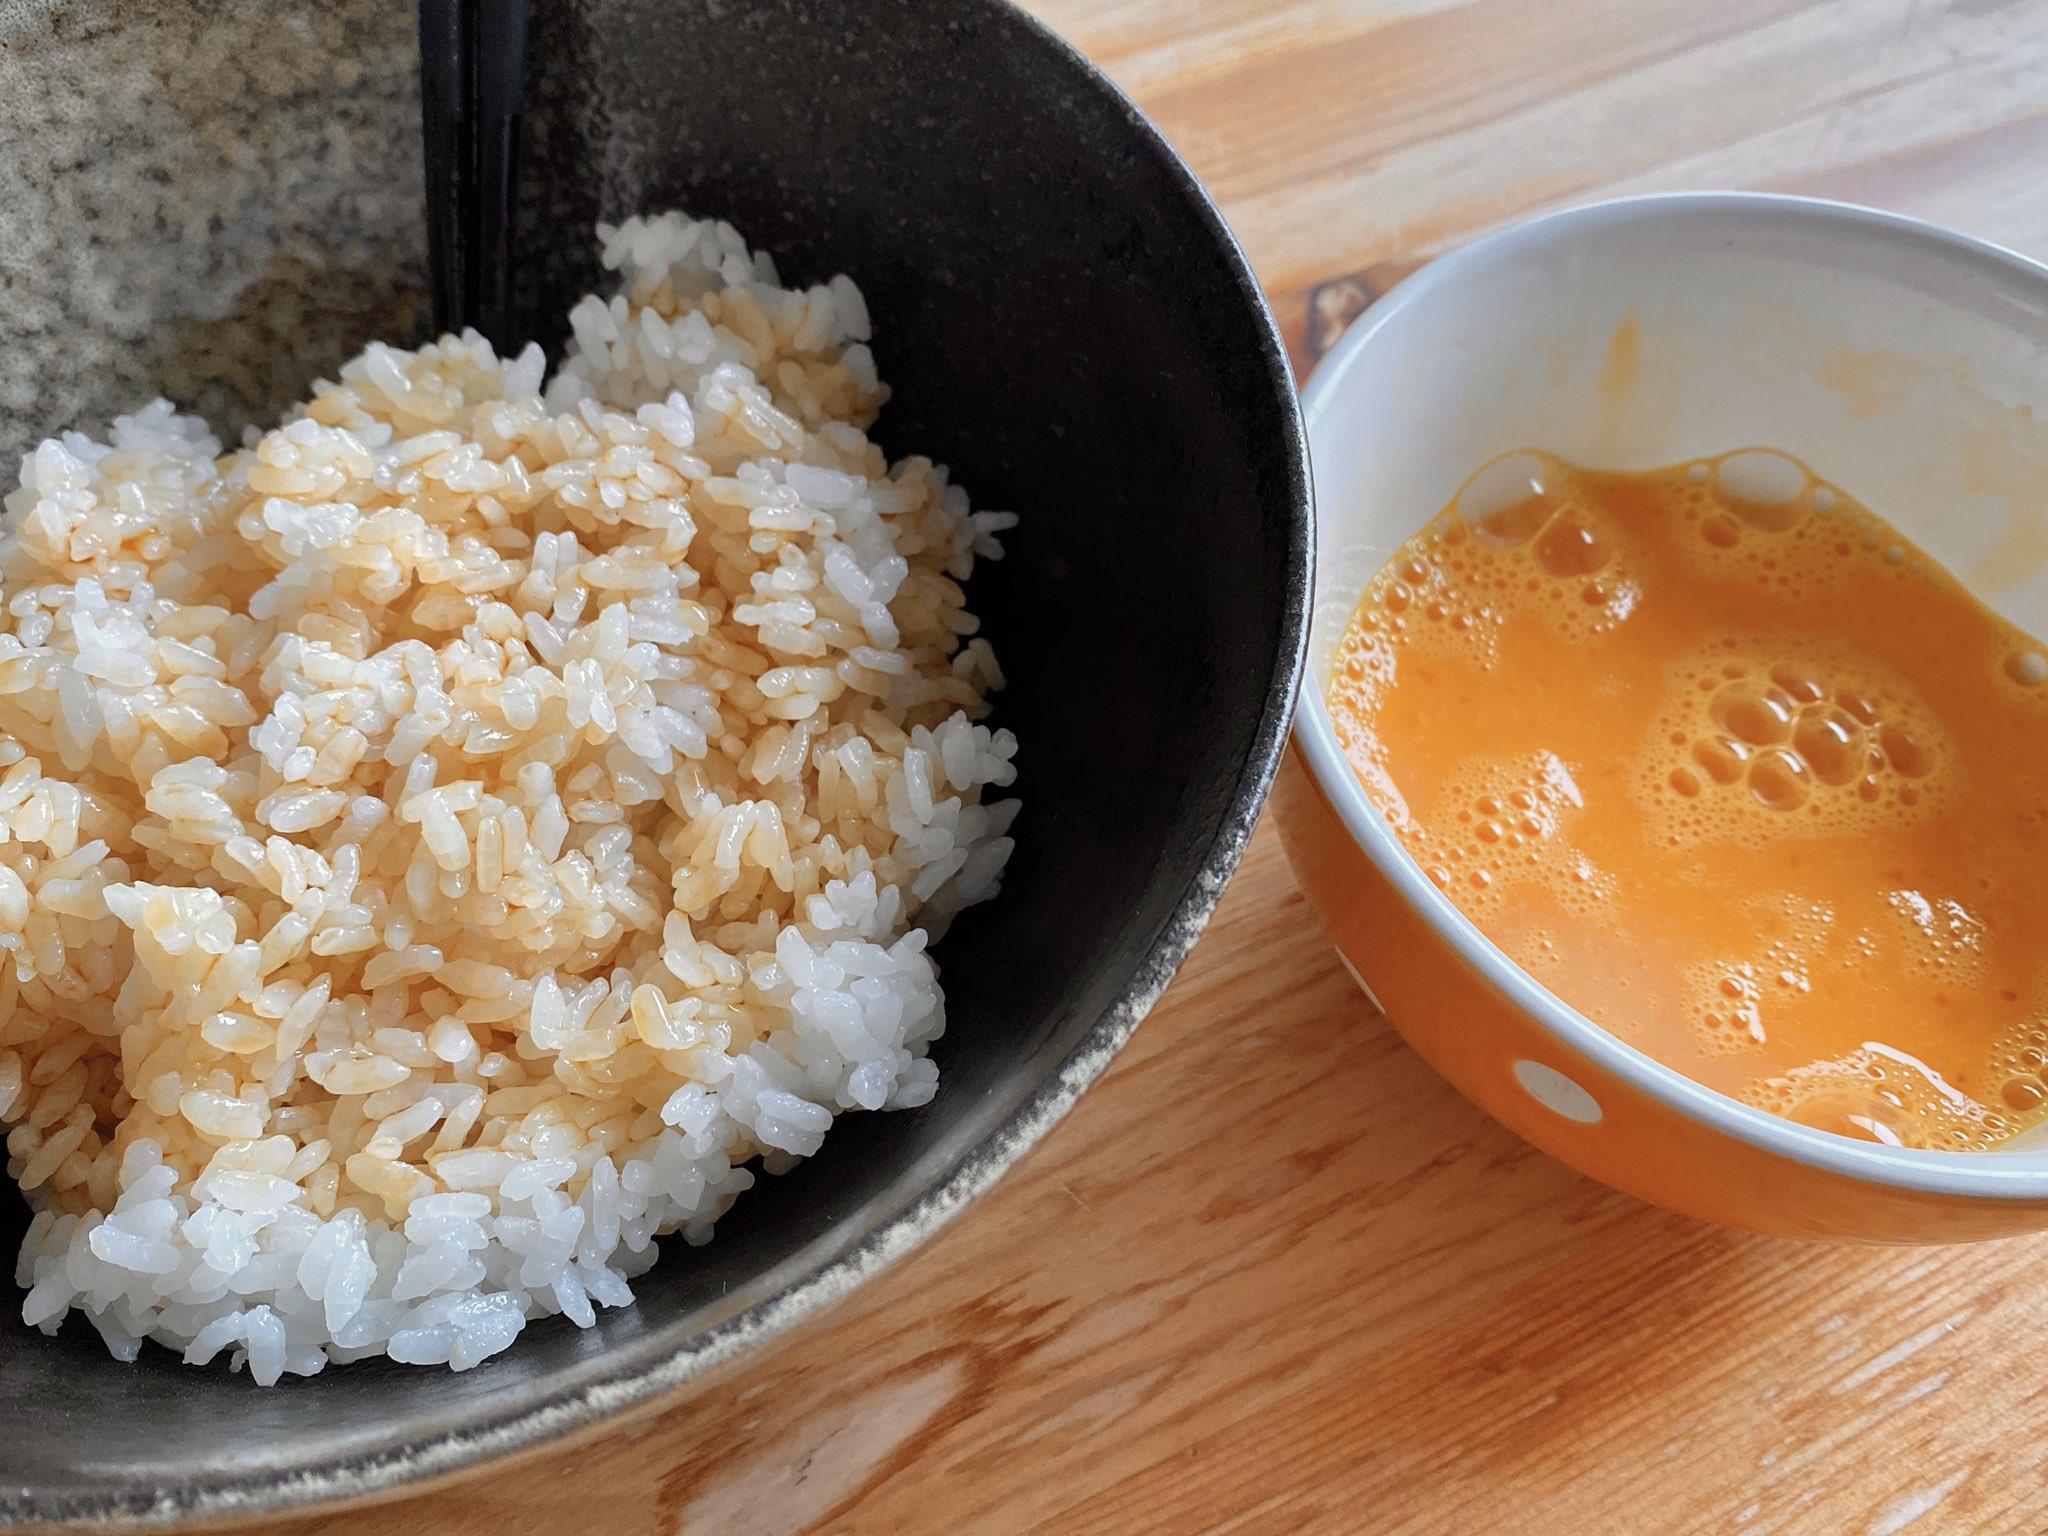 おいしい卵で卵かけご飯をする時の注意点!先に「醤油ご飯」を作ってから卵をぶっ掛けると味が全然違う!